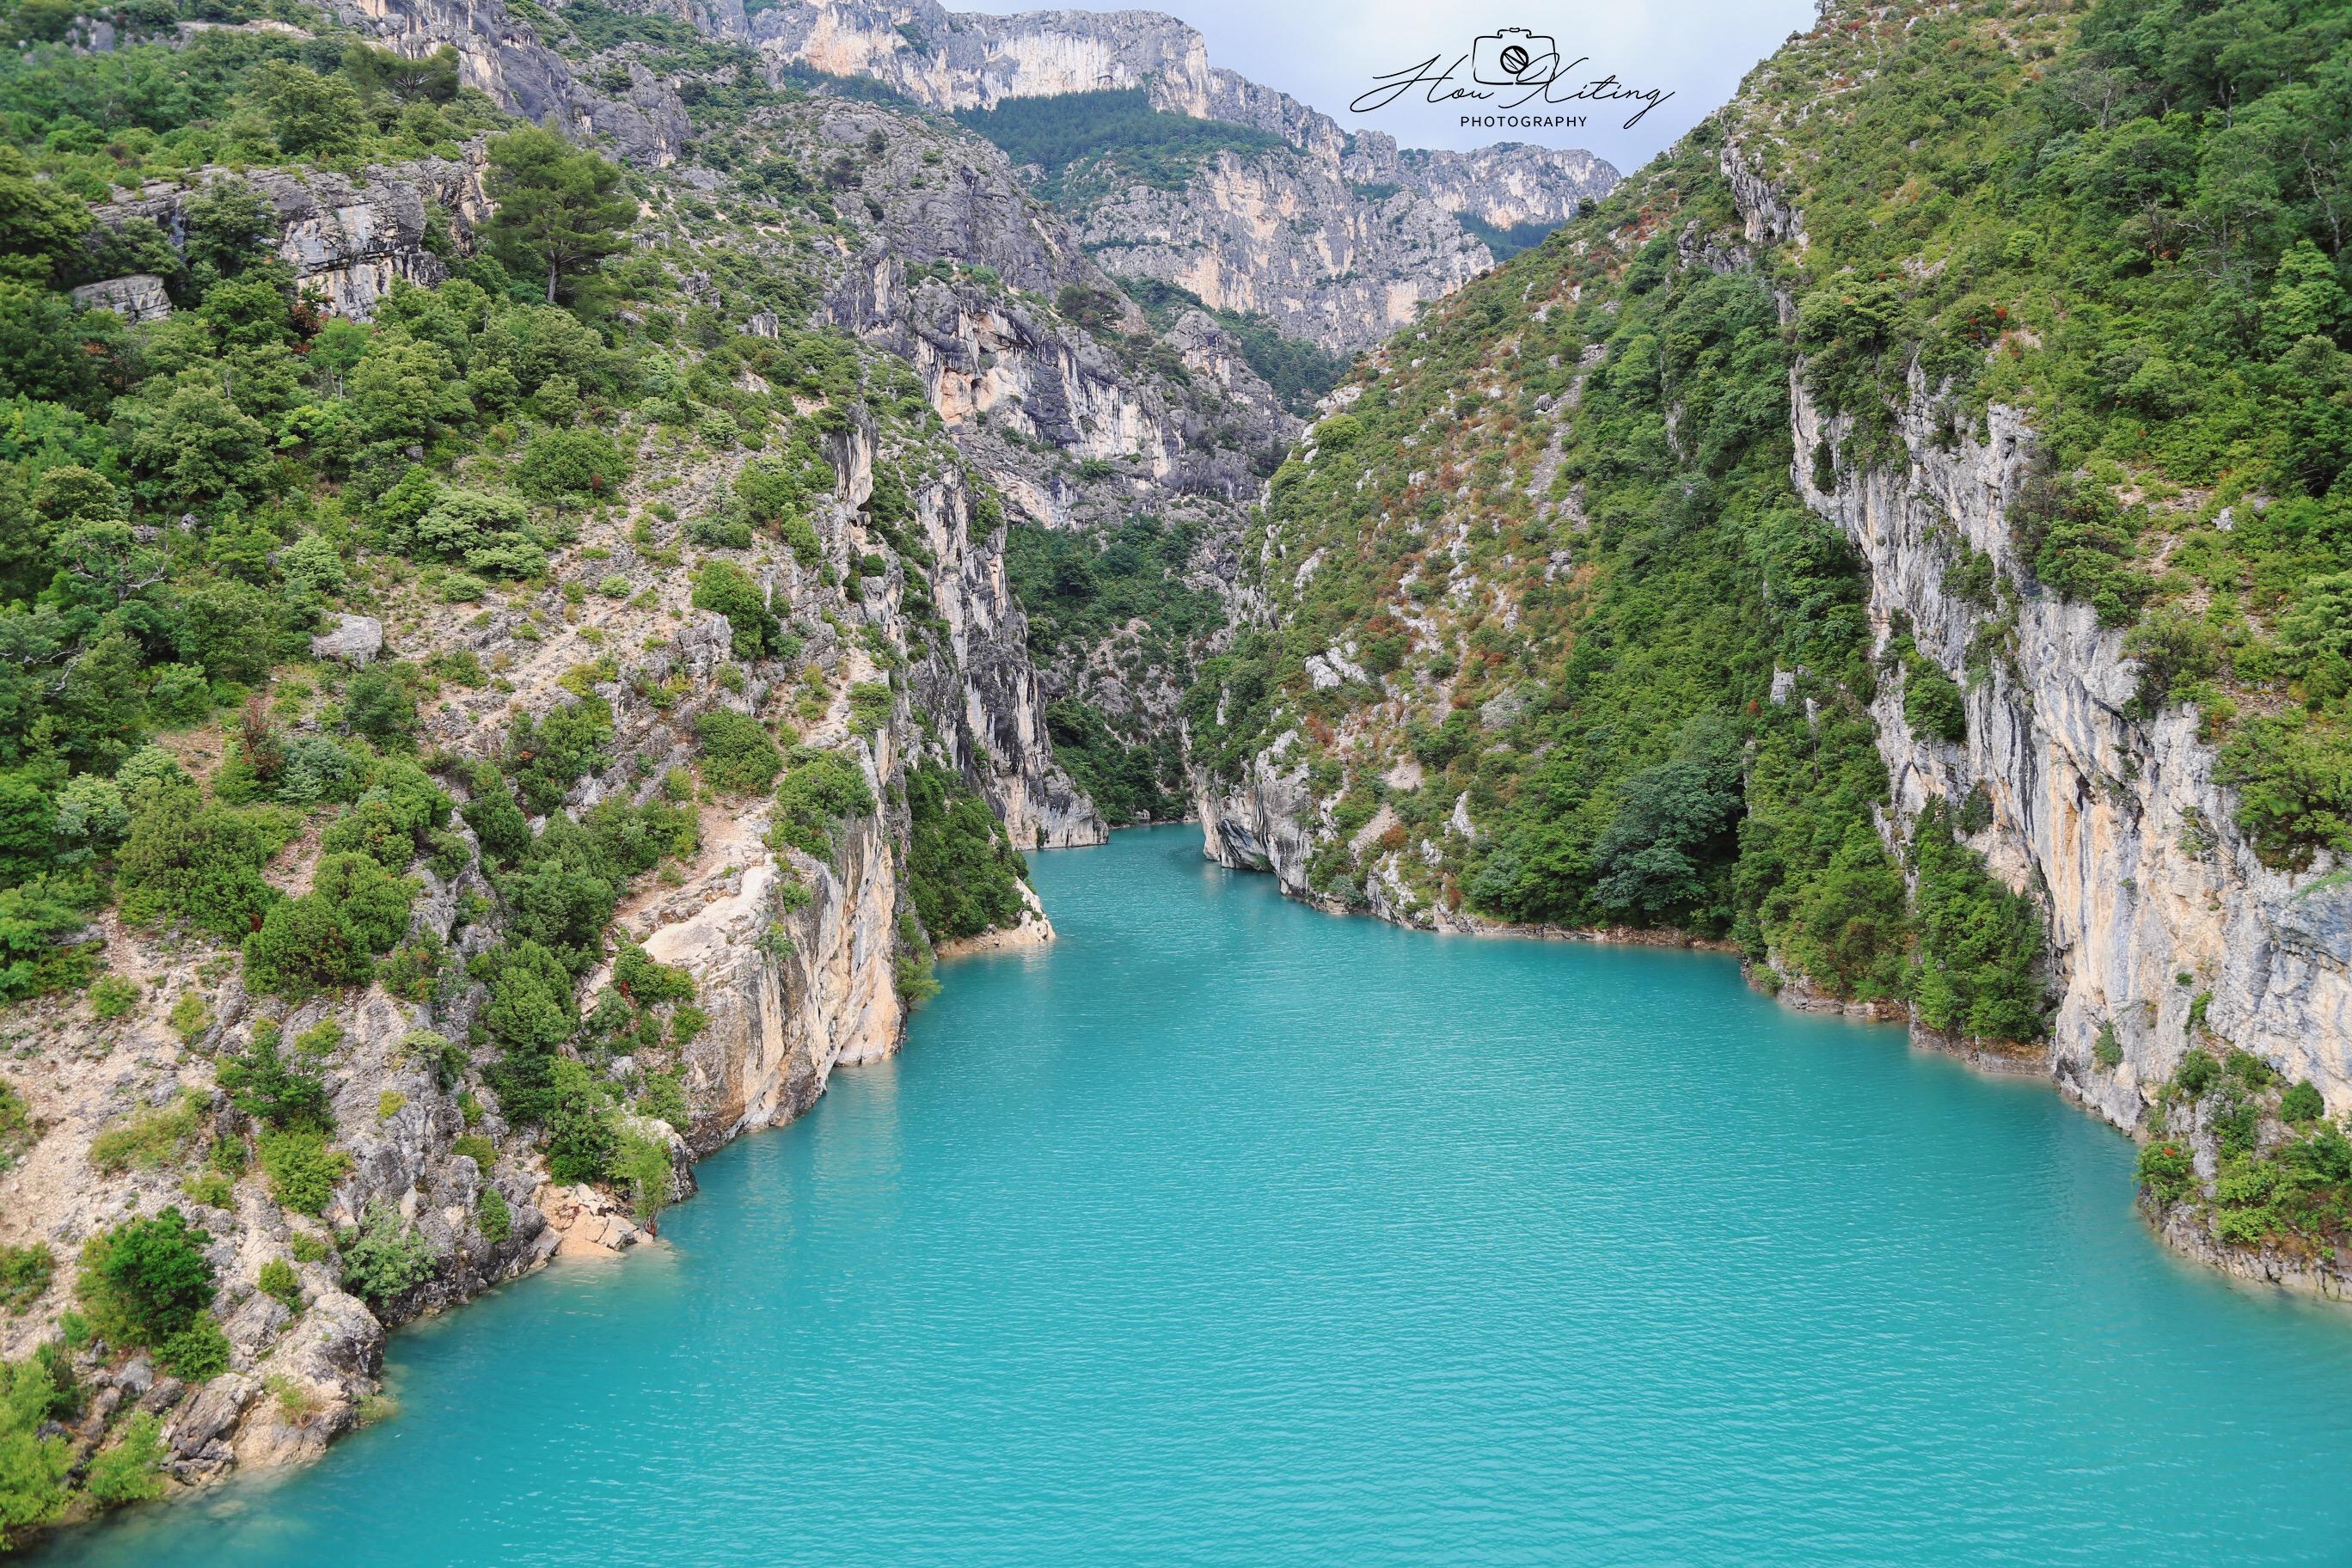 六月初夏  追逐阳光一路向南 之 南法旅行篇(1) 领略圣十字湖和峡谷的美